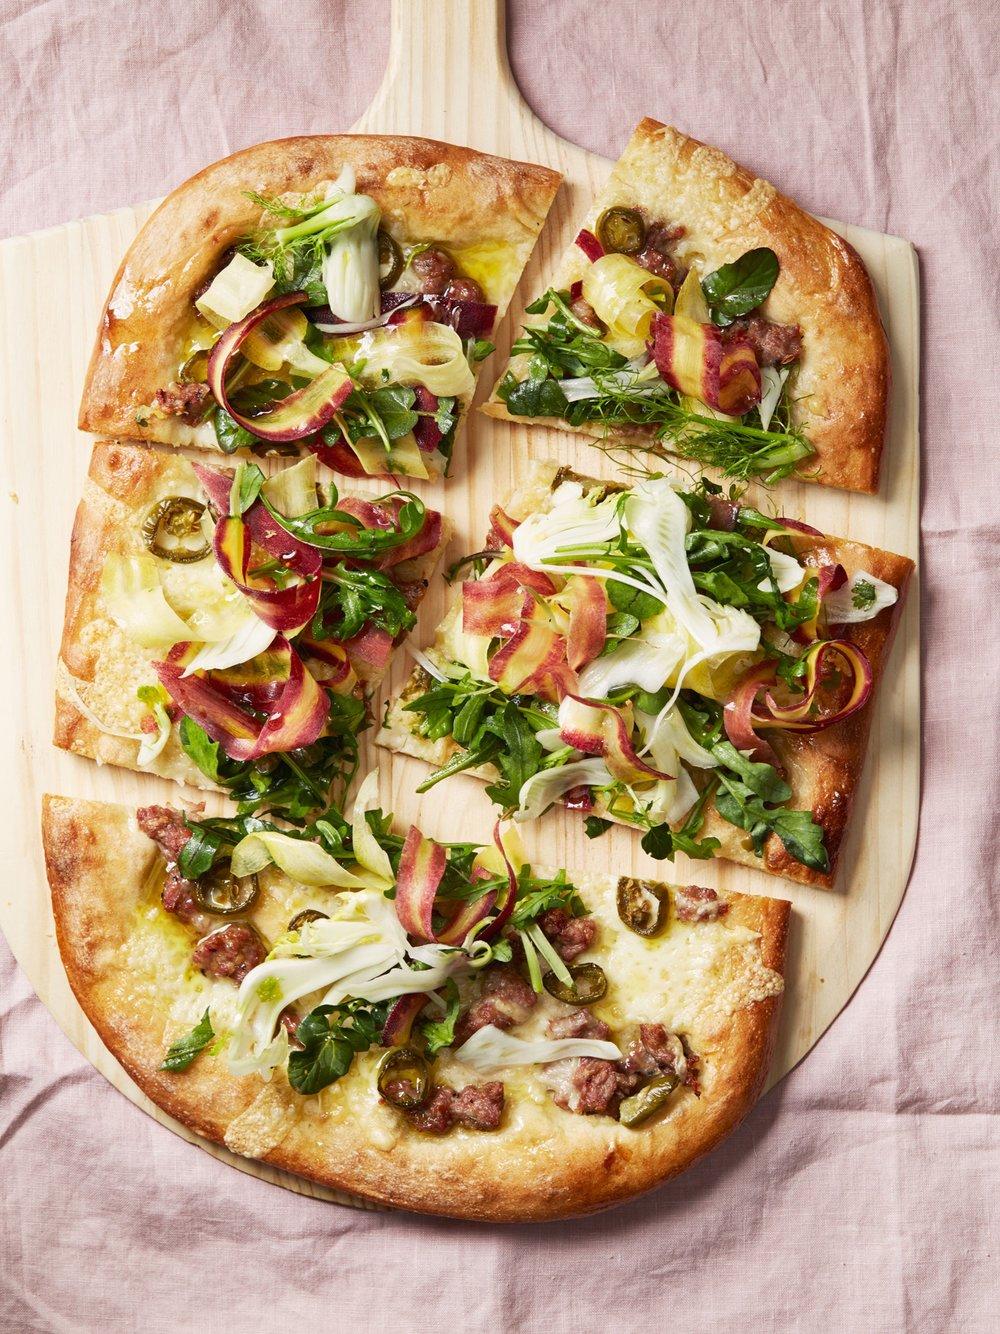 Sausage-and-Fontina-Pizza-0252-AR-6319383.jpg